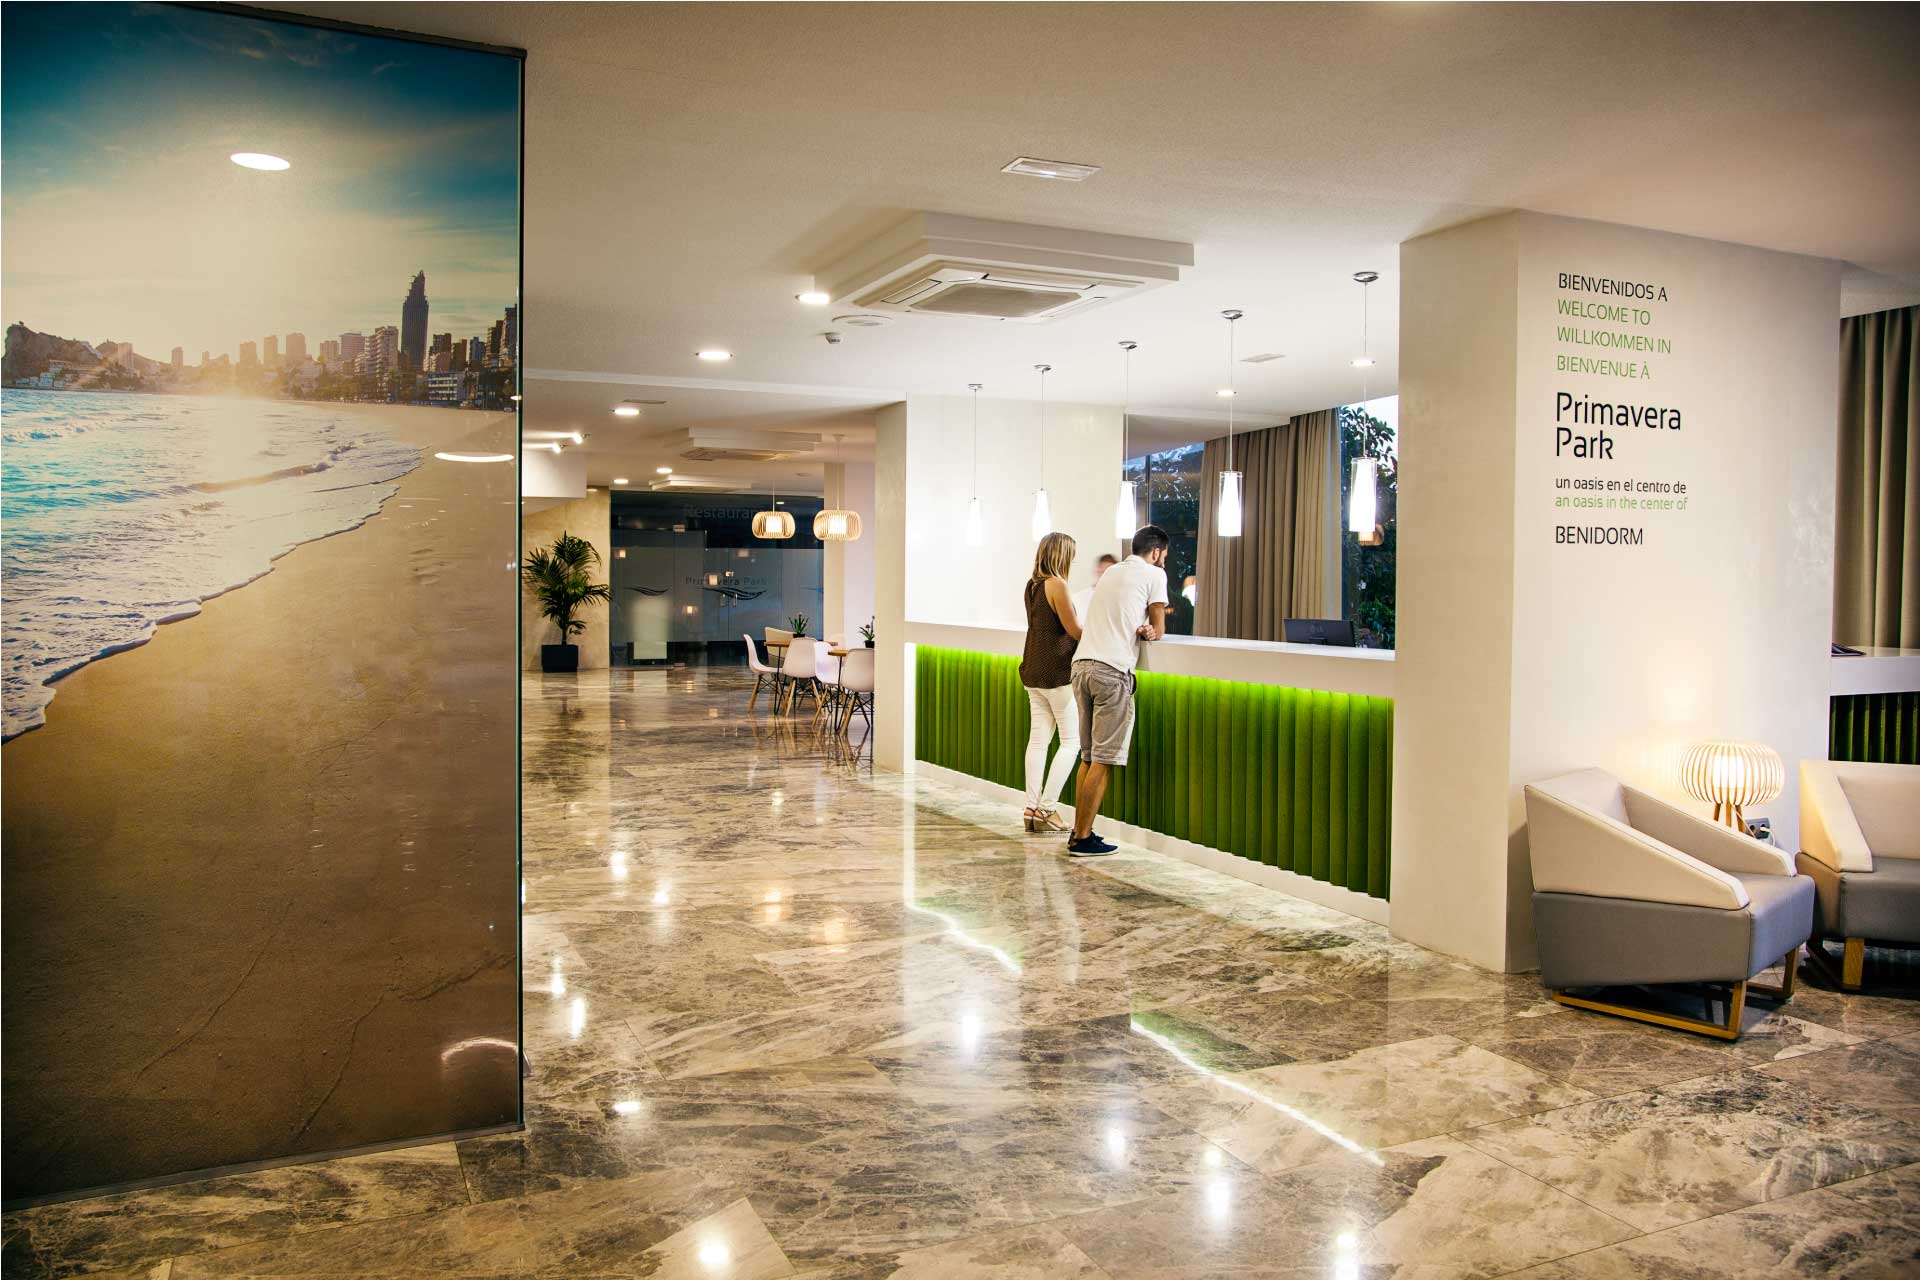 Diseño de locales comerciales, Diseño de restaurantes, Interiorismo Alicante, Interiorismo comercial, Imagen de marca, Diseño de oficinas en Alicante